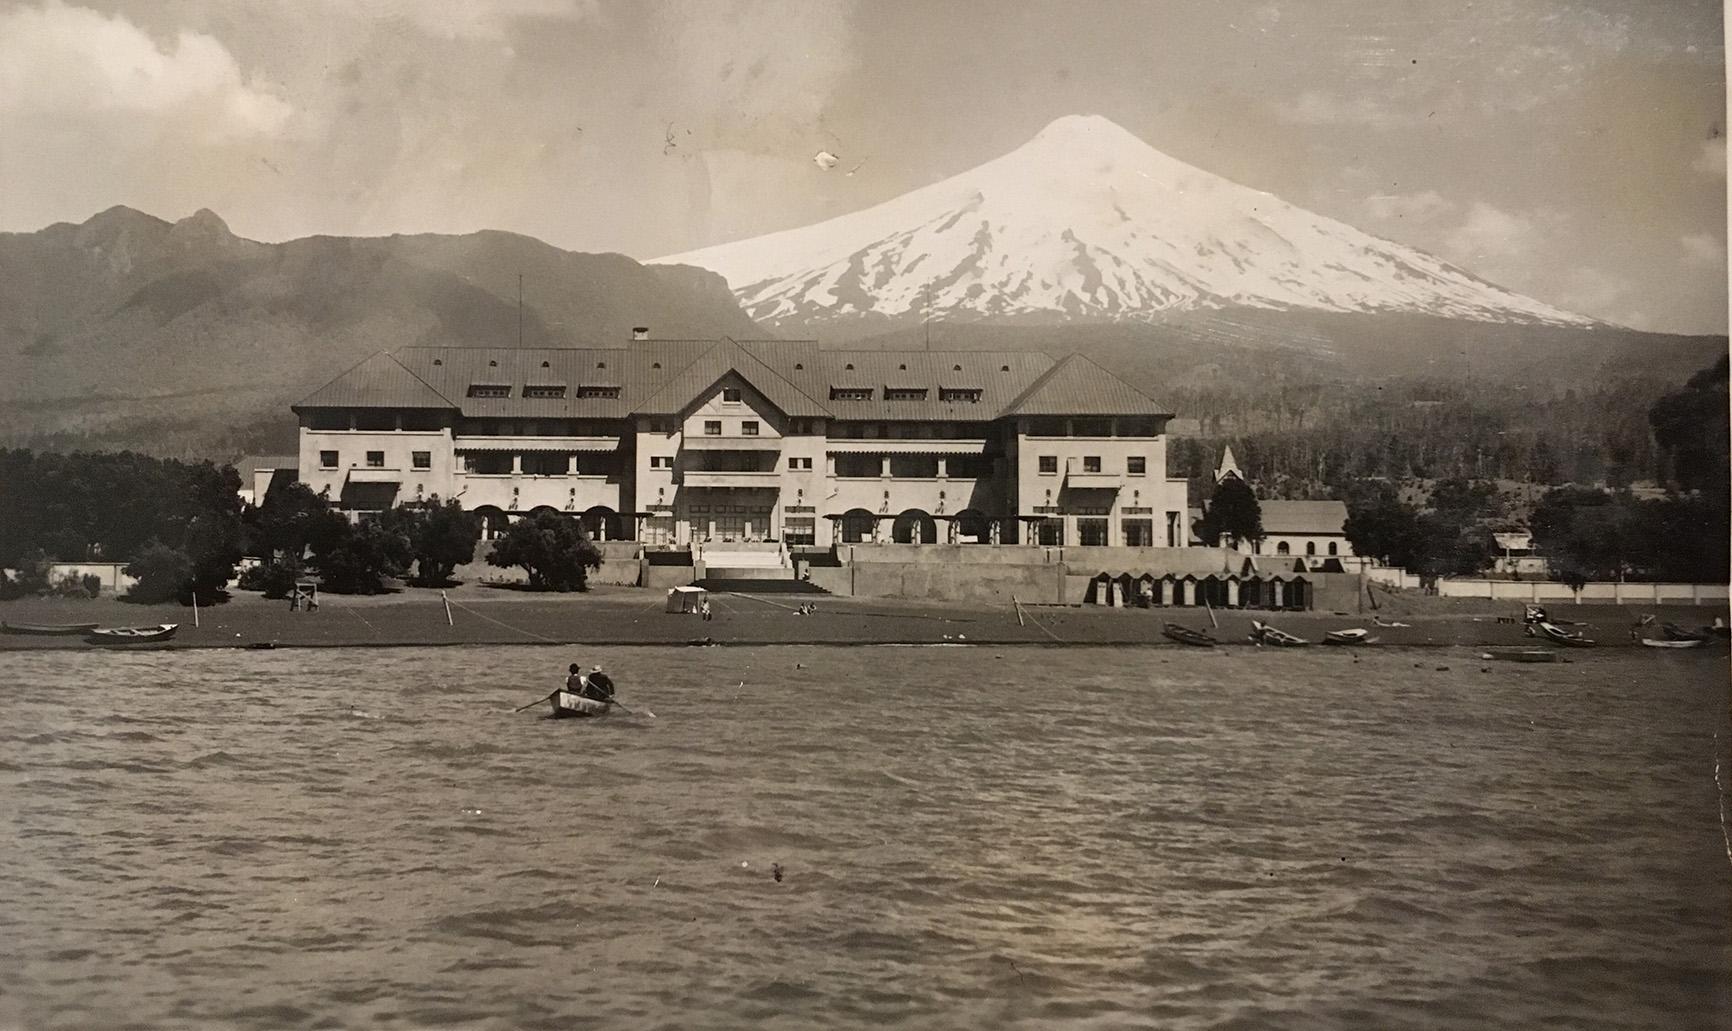 Enterreno - Fotos históricas de chile - fotos antiguas de Chile - Gran Hotel de Pucón en 1938